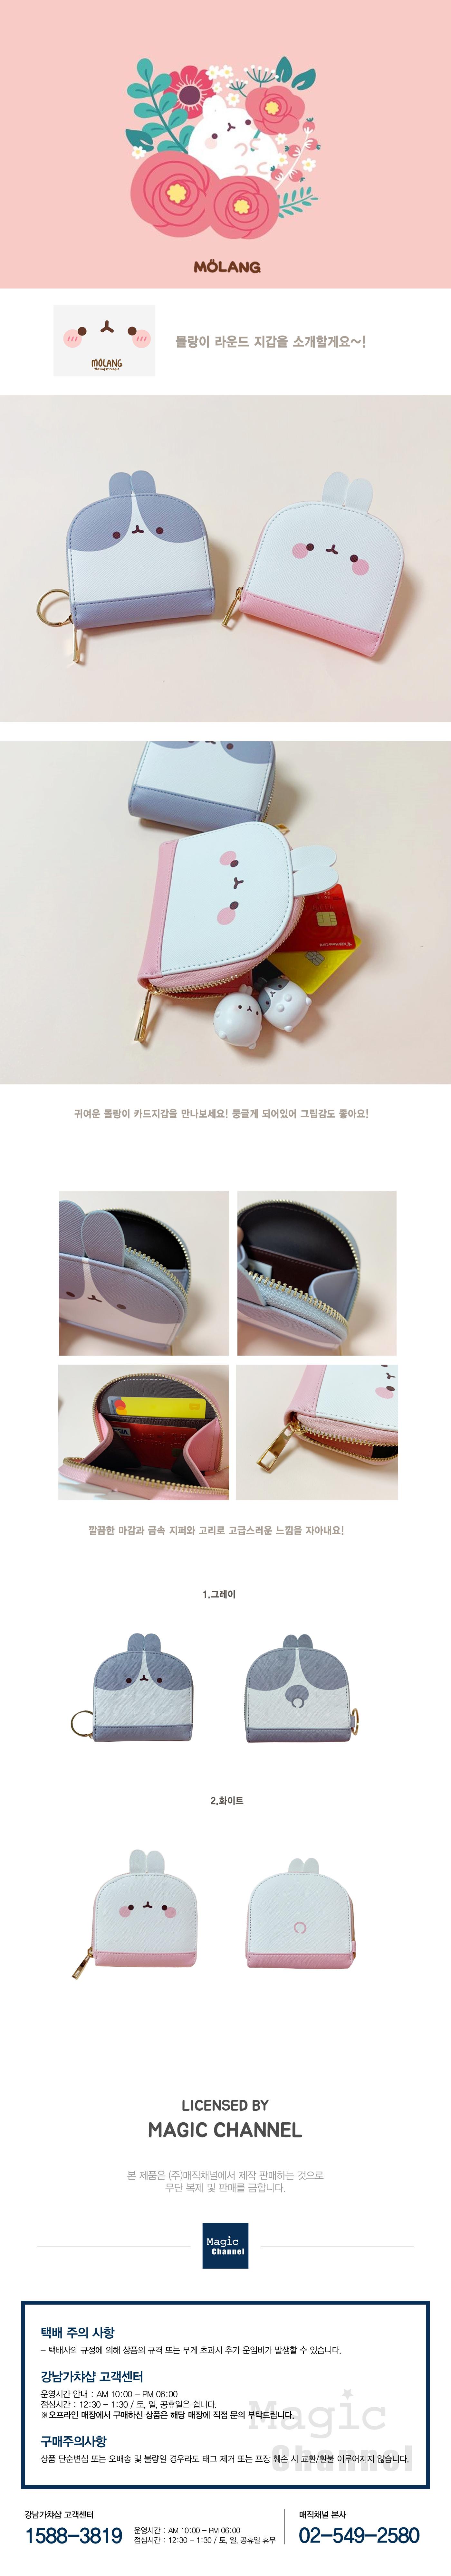 몰랑이 라운드지갑 - 매직채널, 9,000원, 동전/카드지갑, 동전지갑